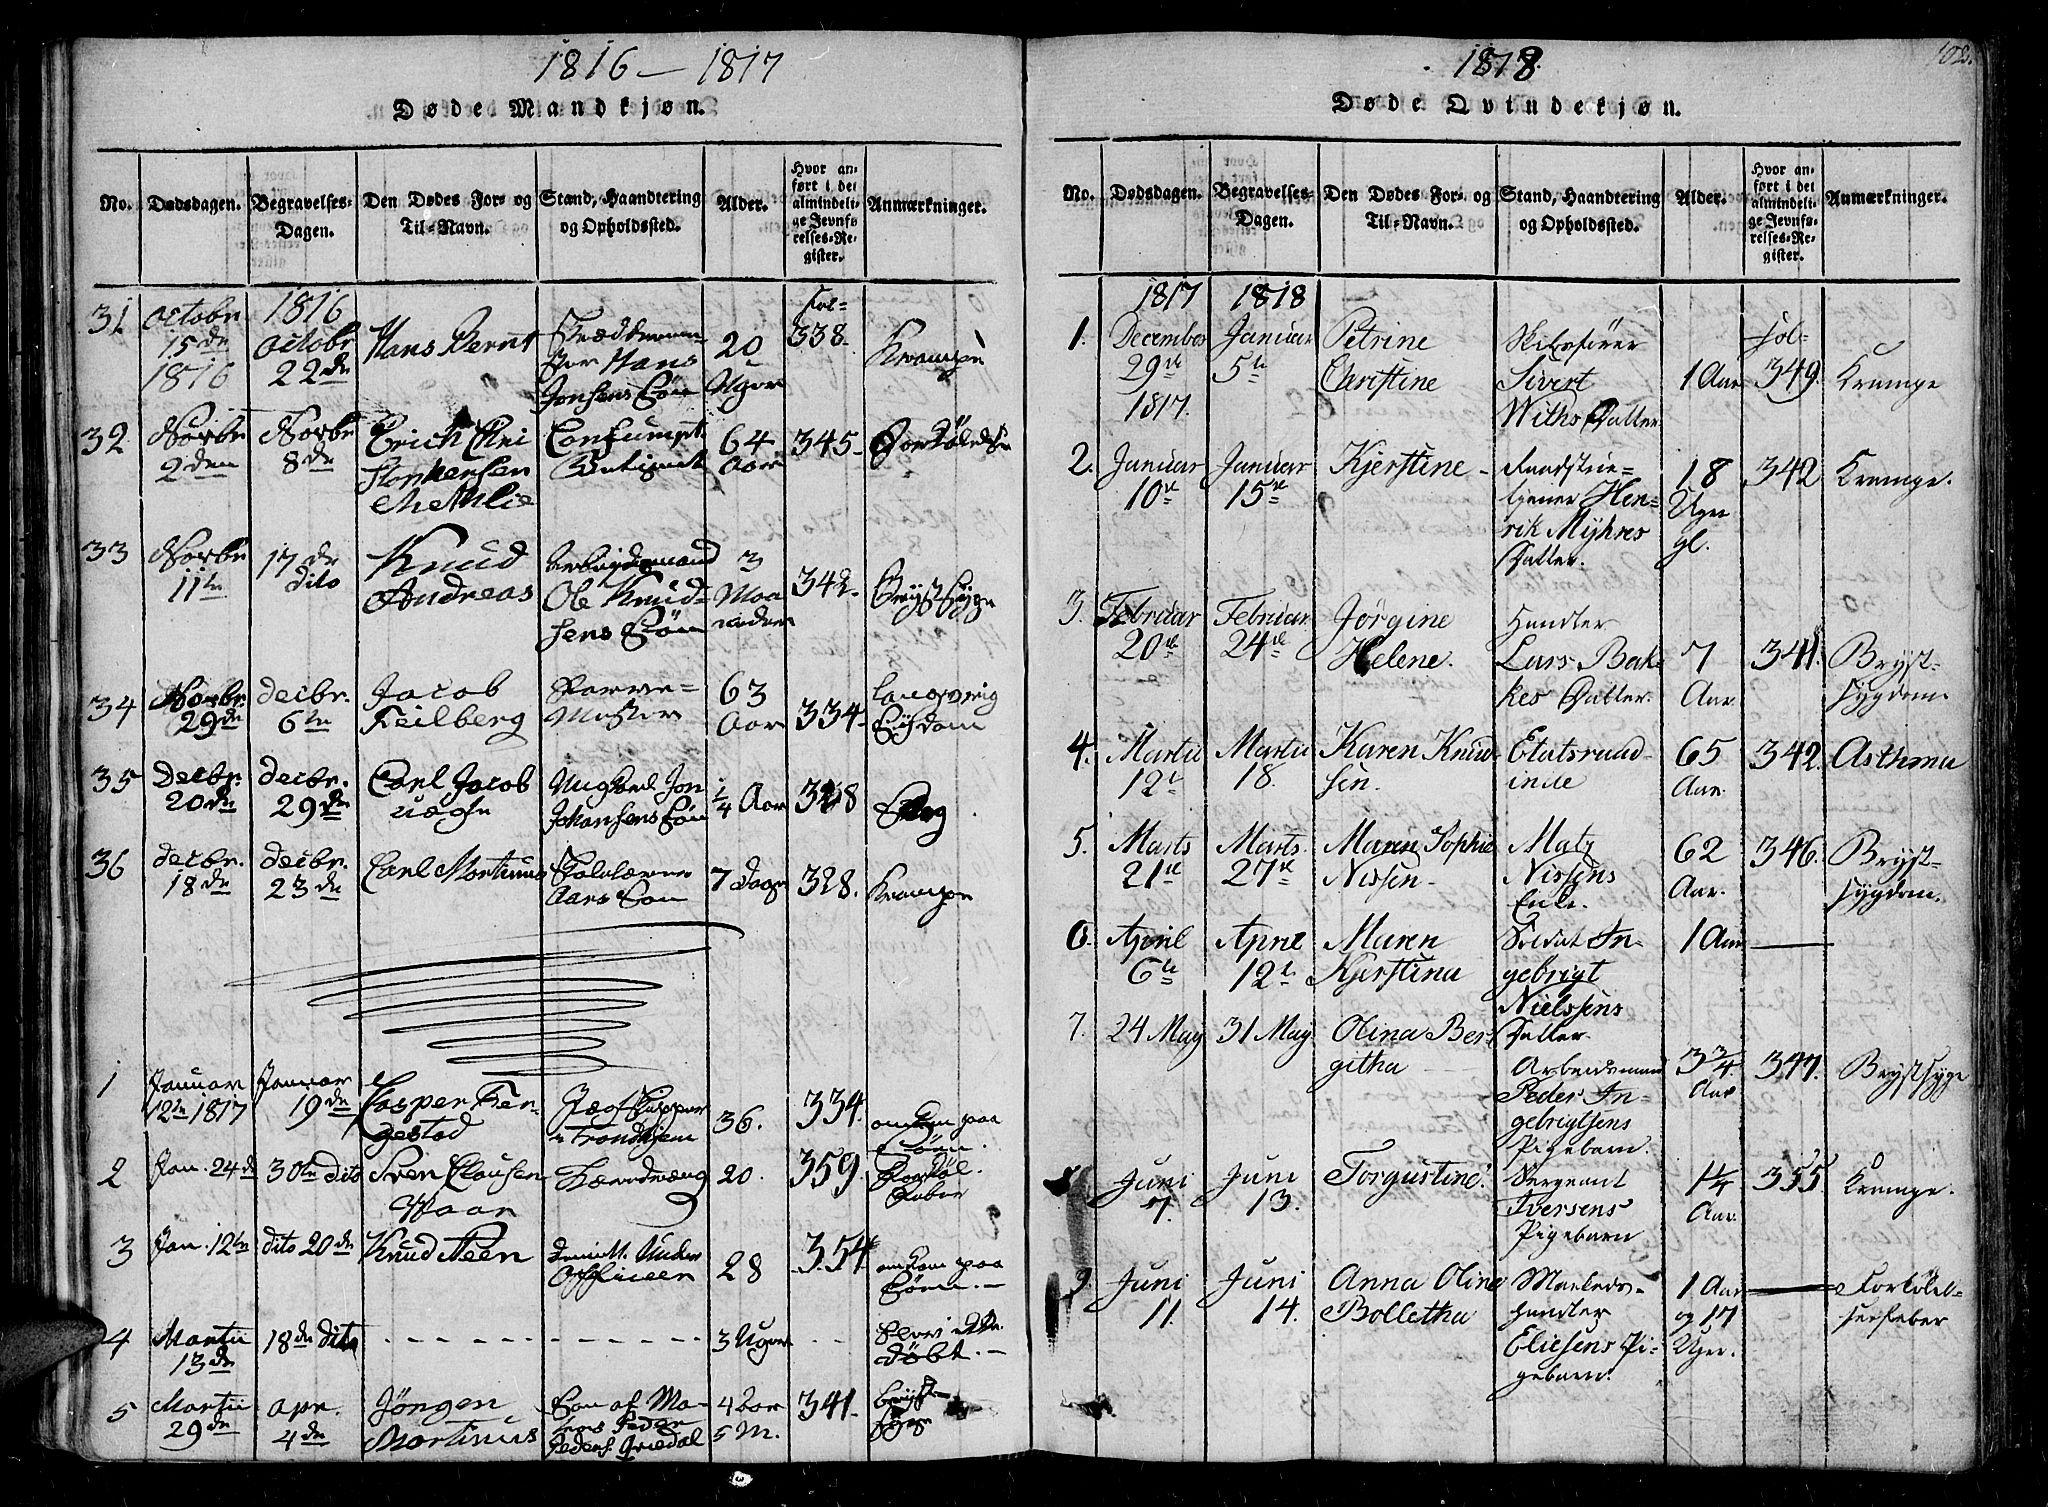 SAT, Ministerialprotokoller, klokkerbøker og fødselsregistre - Sør-Trøndelag, 602/L0107: Ministerialbok nr. 602A05, 1815-1821, s. 102